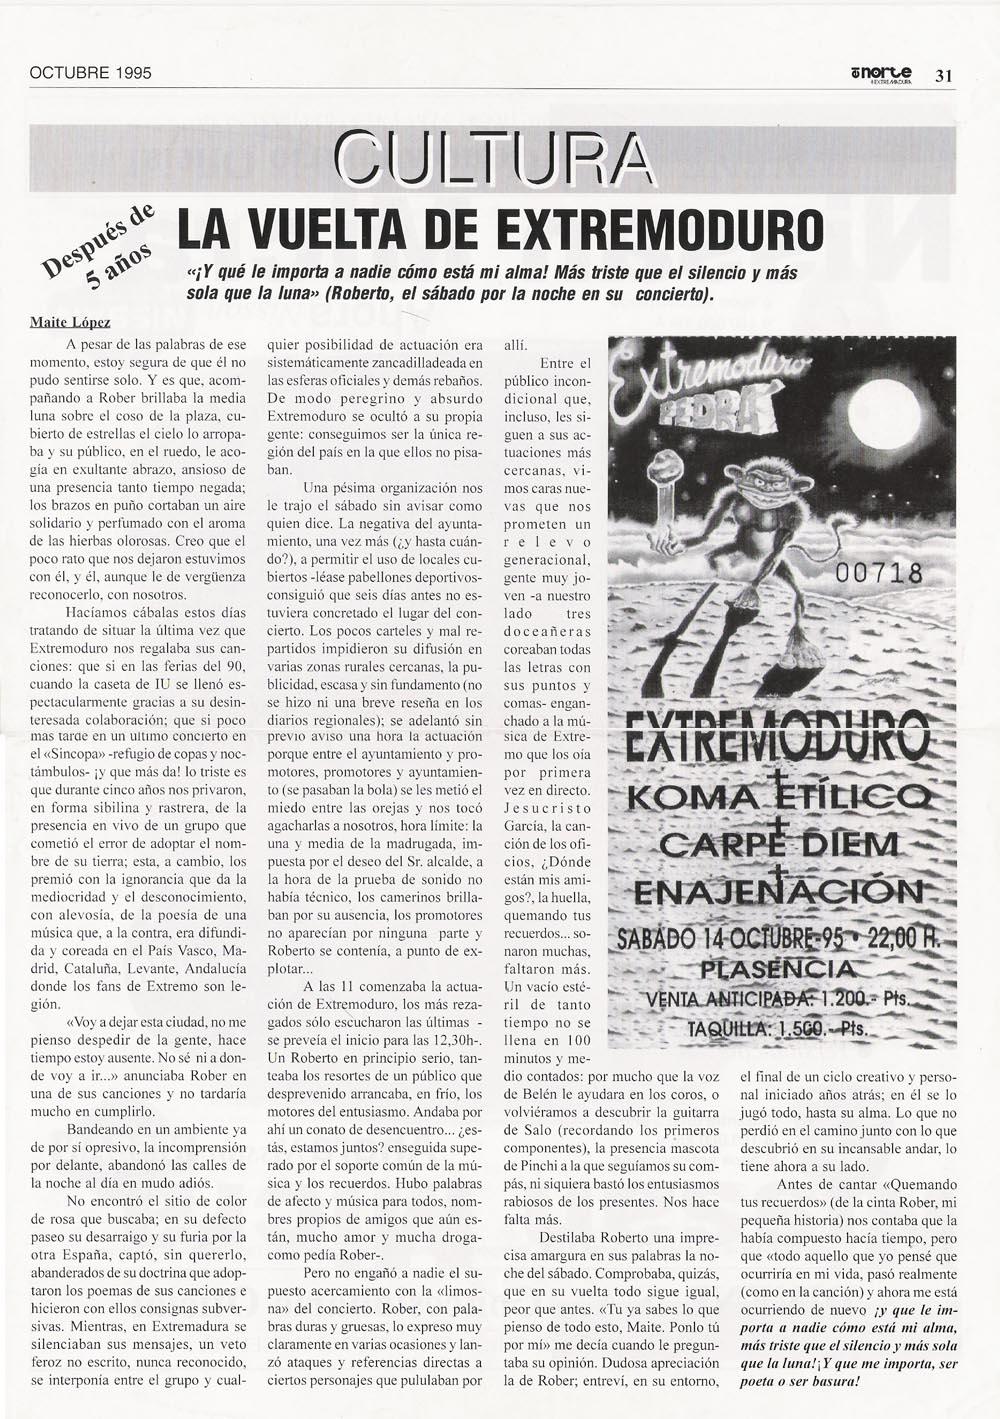 extremoduro-pedra-plasencia-1995